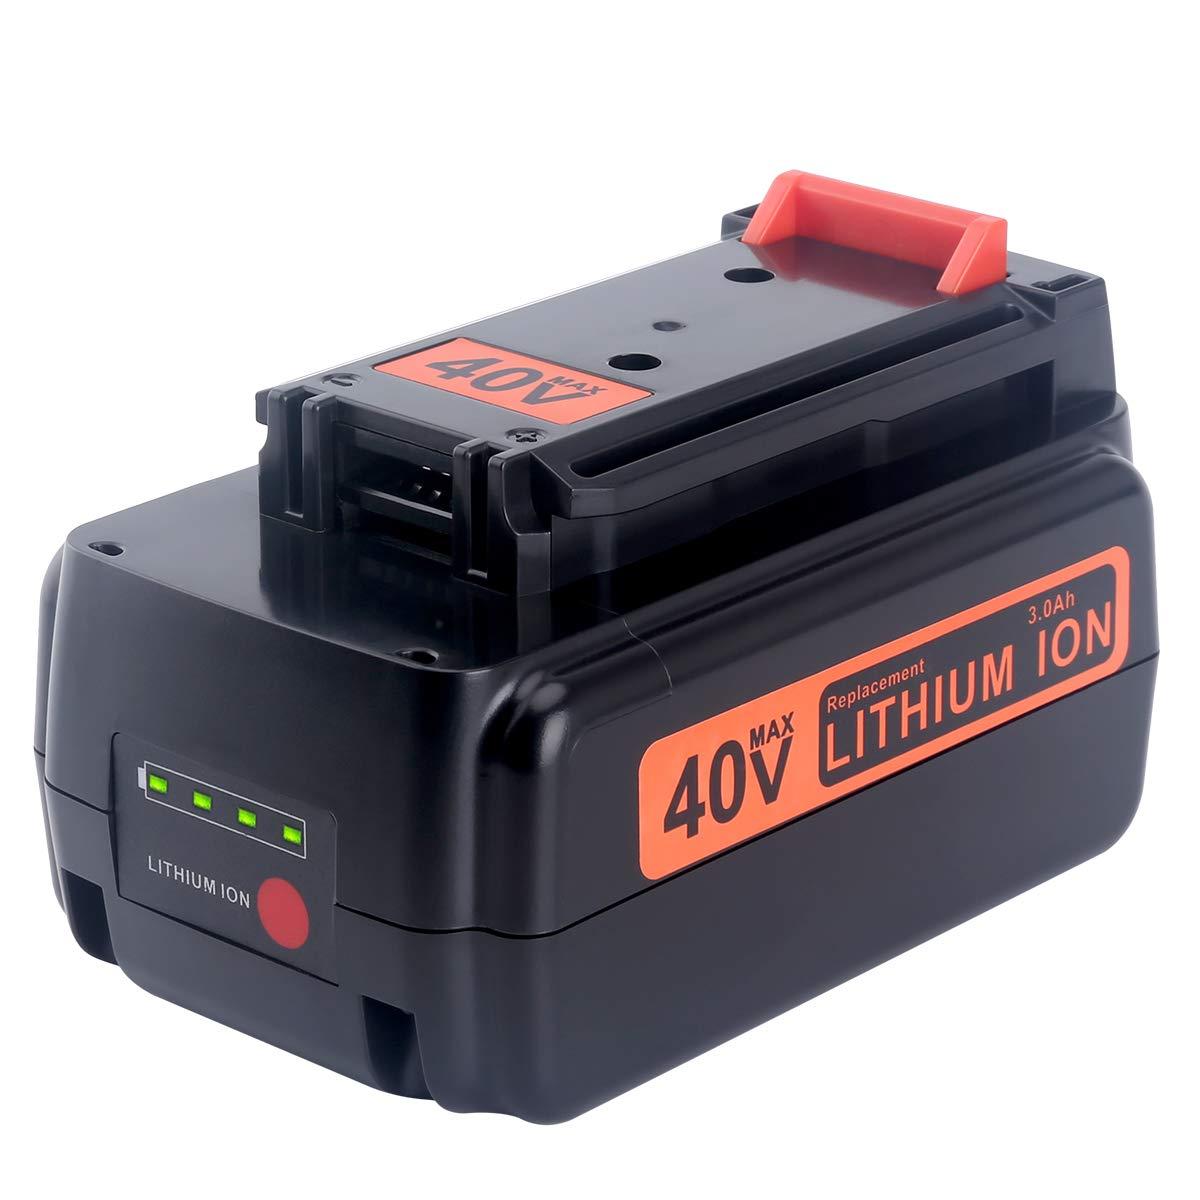 Biswaye 3.0Ah Replacement Black and Decker 40V Lithium Battery LBXR36, for Black & Decker 40-Volt Cordless Power Tools LST136 LHT2436 LSW36 Lithium Battery LBXR36 LBXR2036 LBX1540 LBX2040 LBX2540 by Biswaye